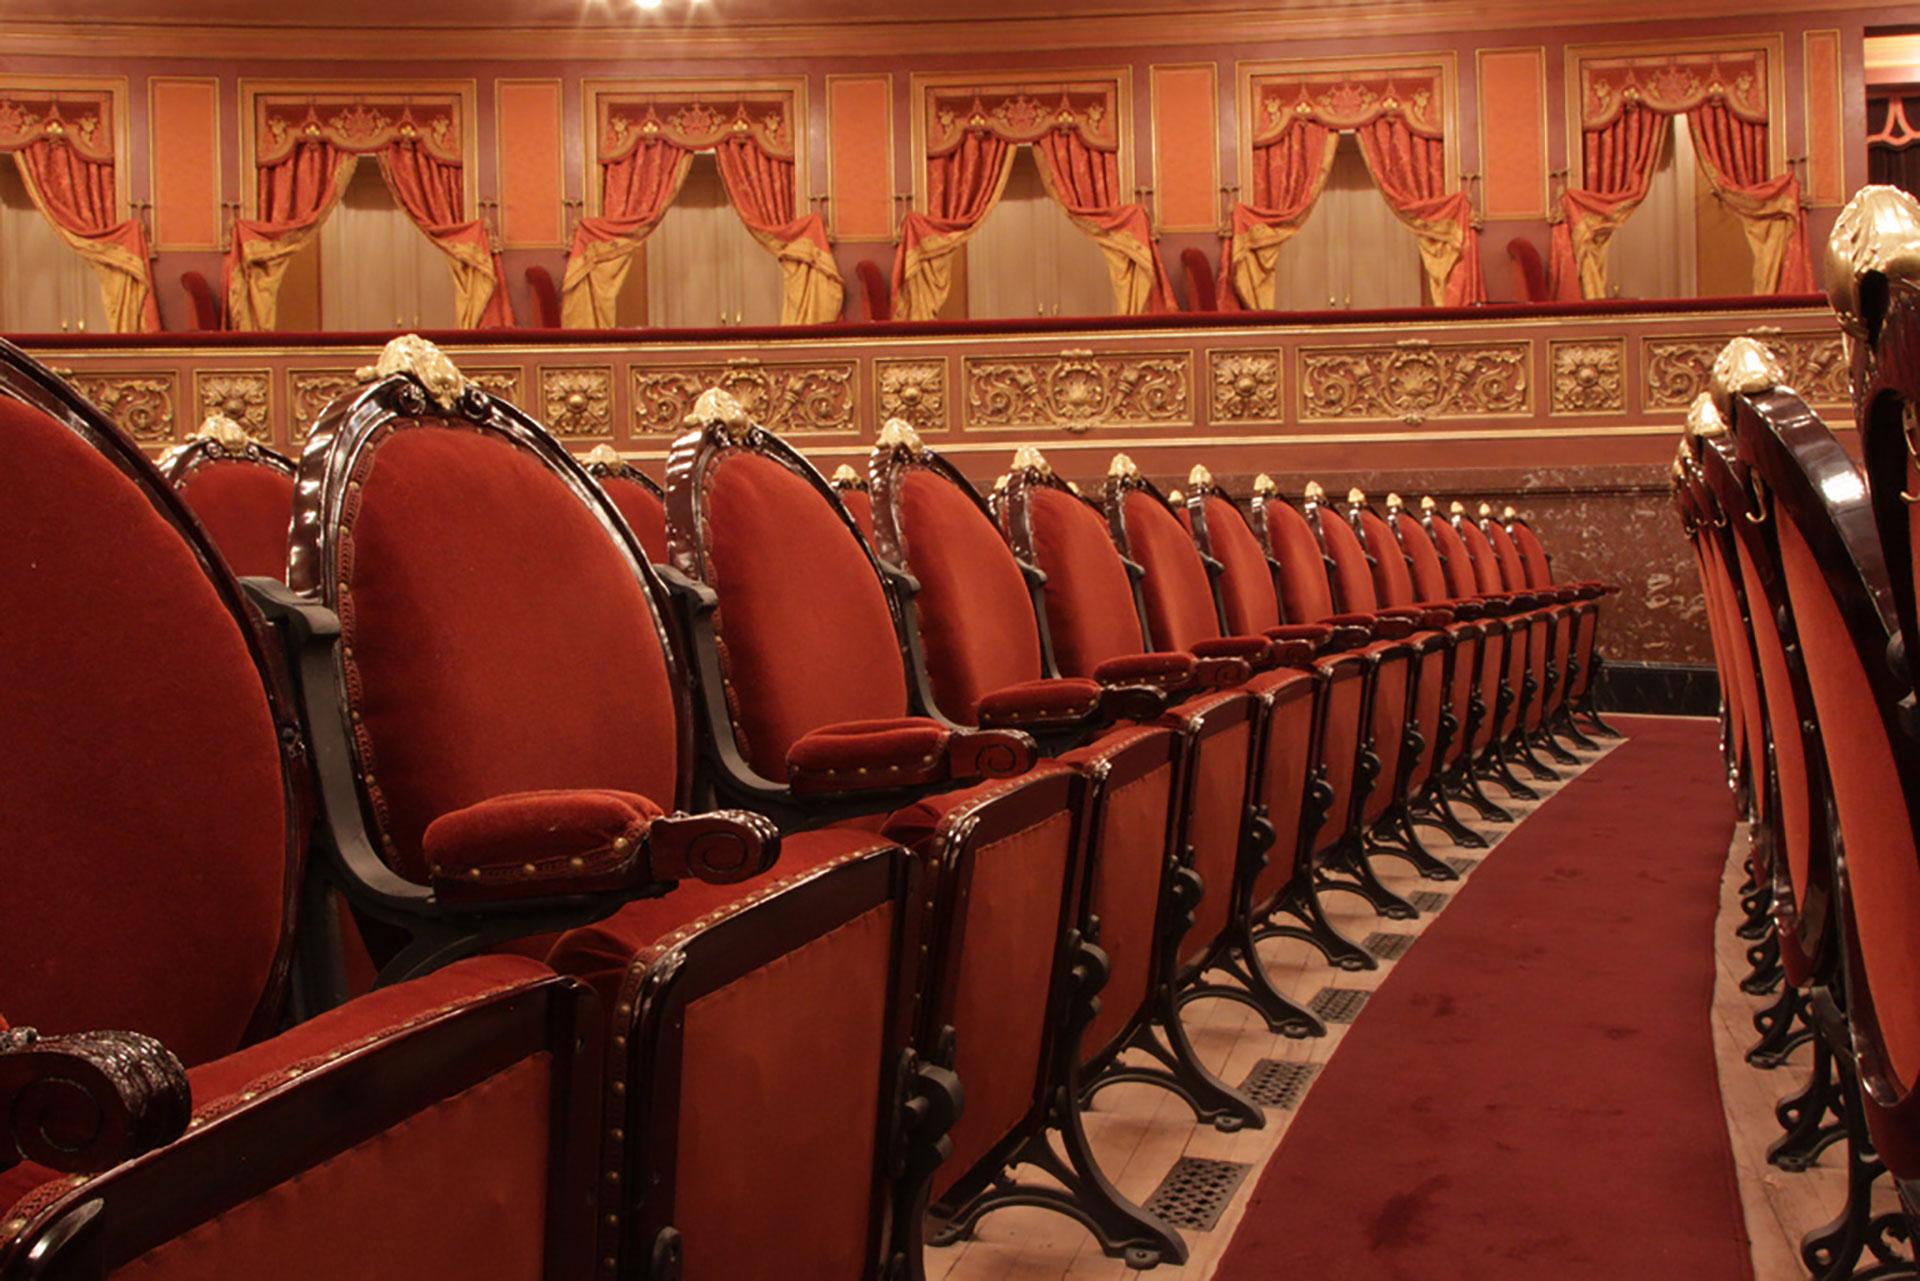 Las sillas de madera revestidas en terciopelo, al igual que la alfombra garantizan la perfecta acússtica